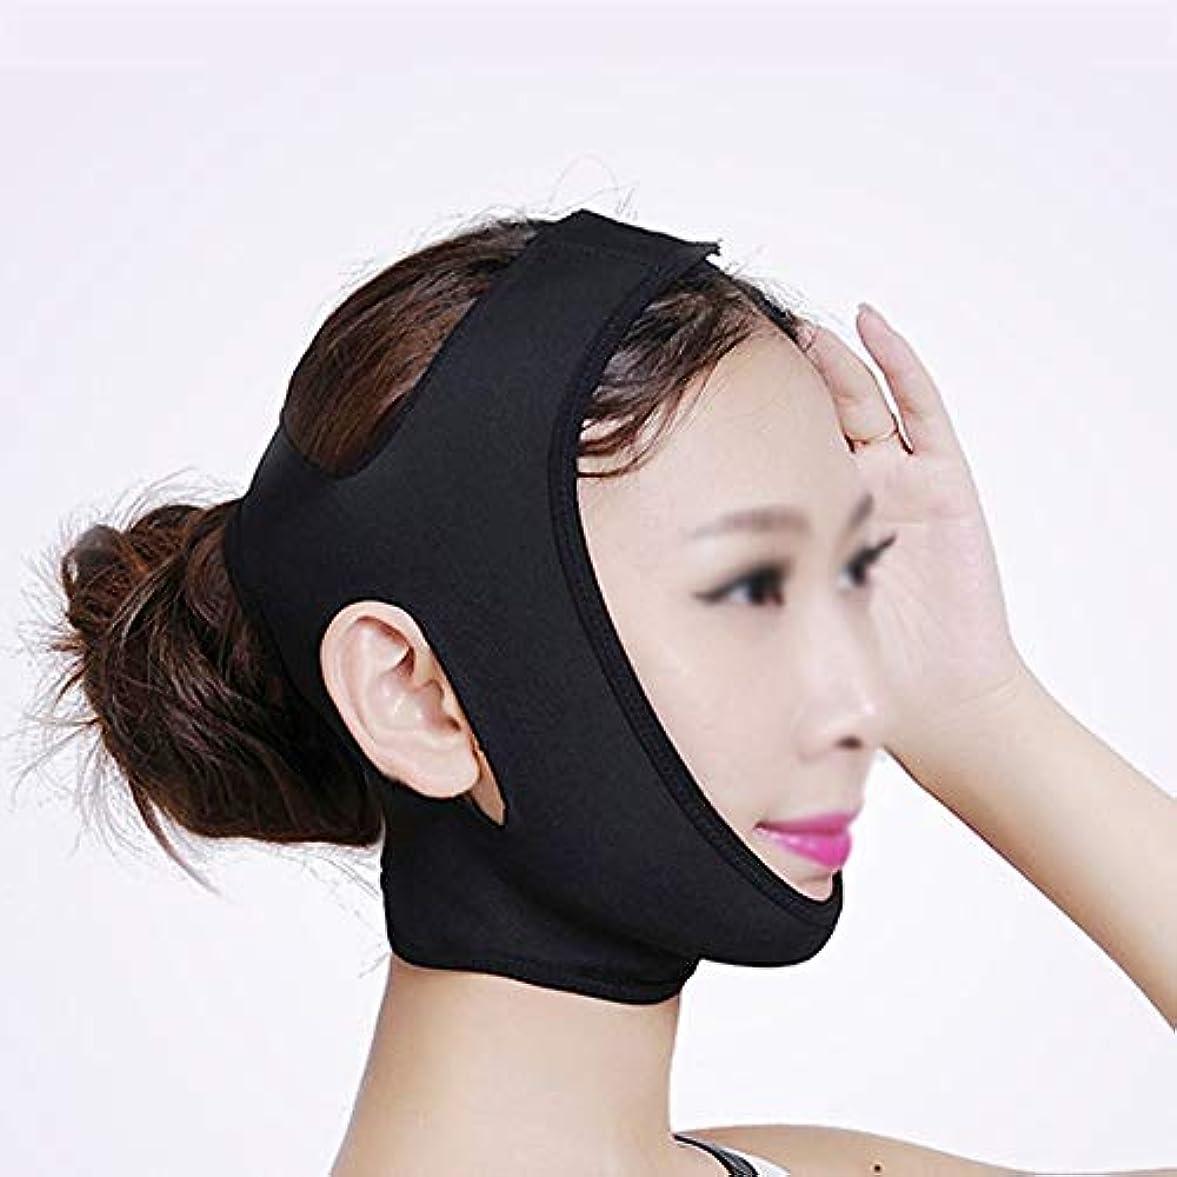 XHLMRMJ 減量の包帯、顔の持ち上がる包帯、二重あごを減らすために持ち上がるベルトを取除く顔の減量のマスクの持ち上がる表面、フェイスマスク、二重あご (Color : Black, Size : XL)